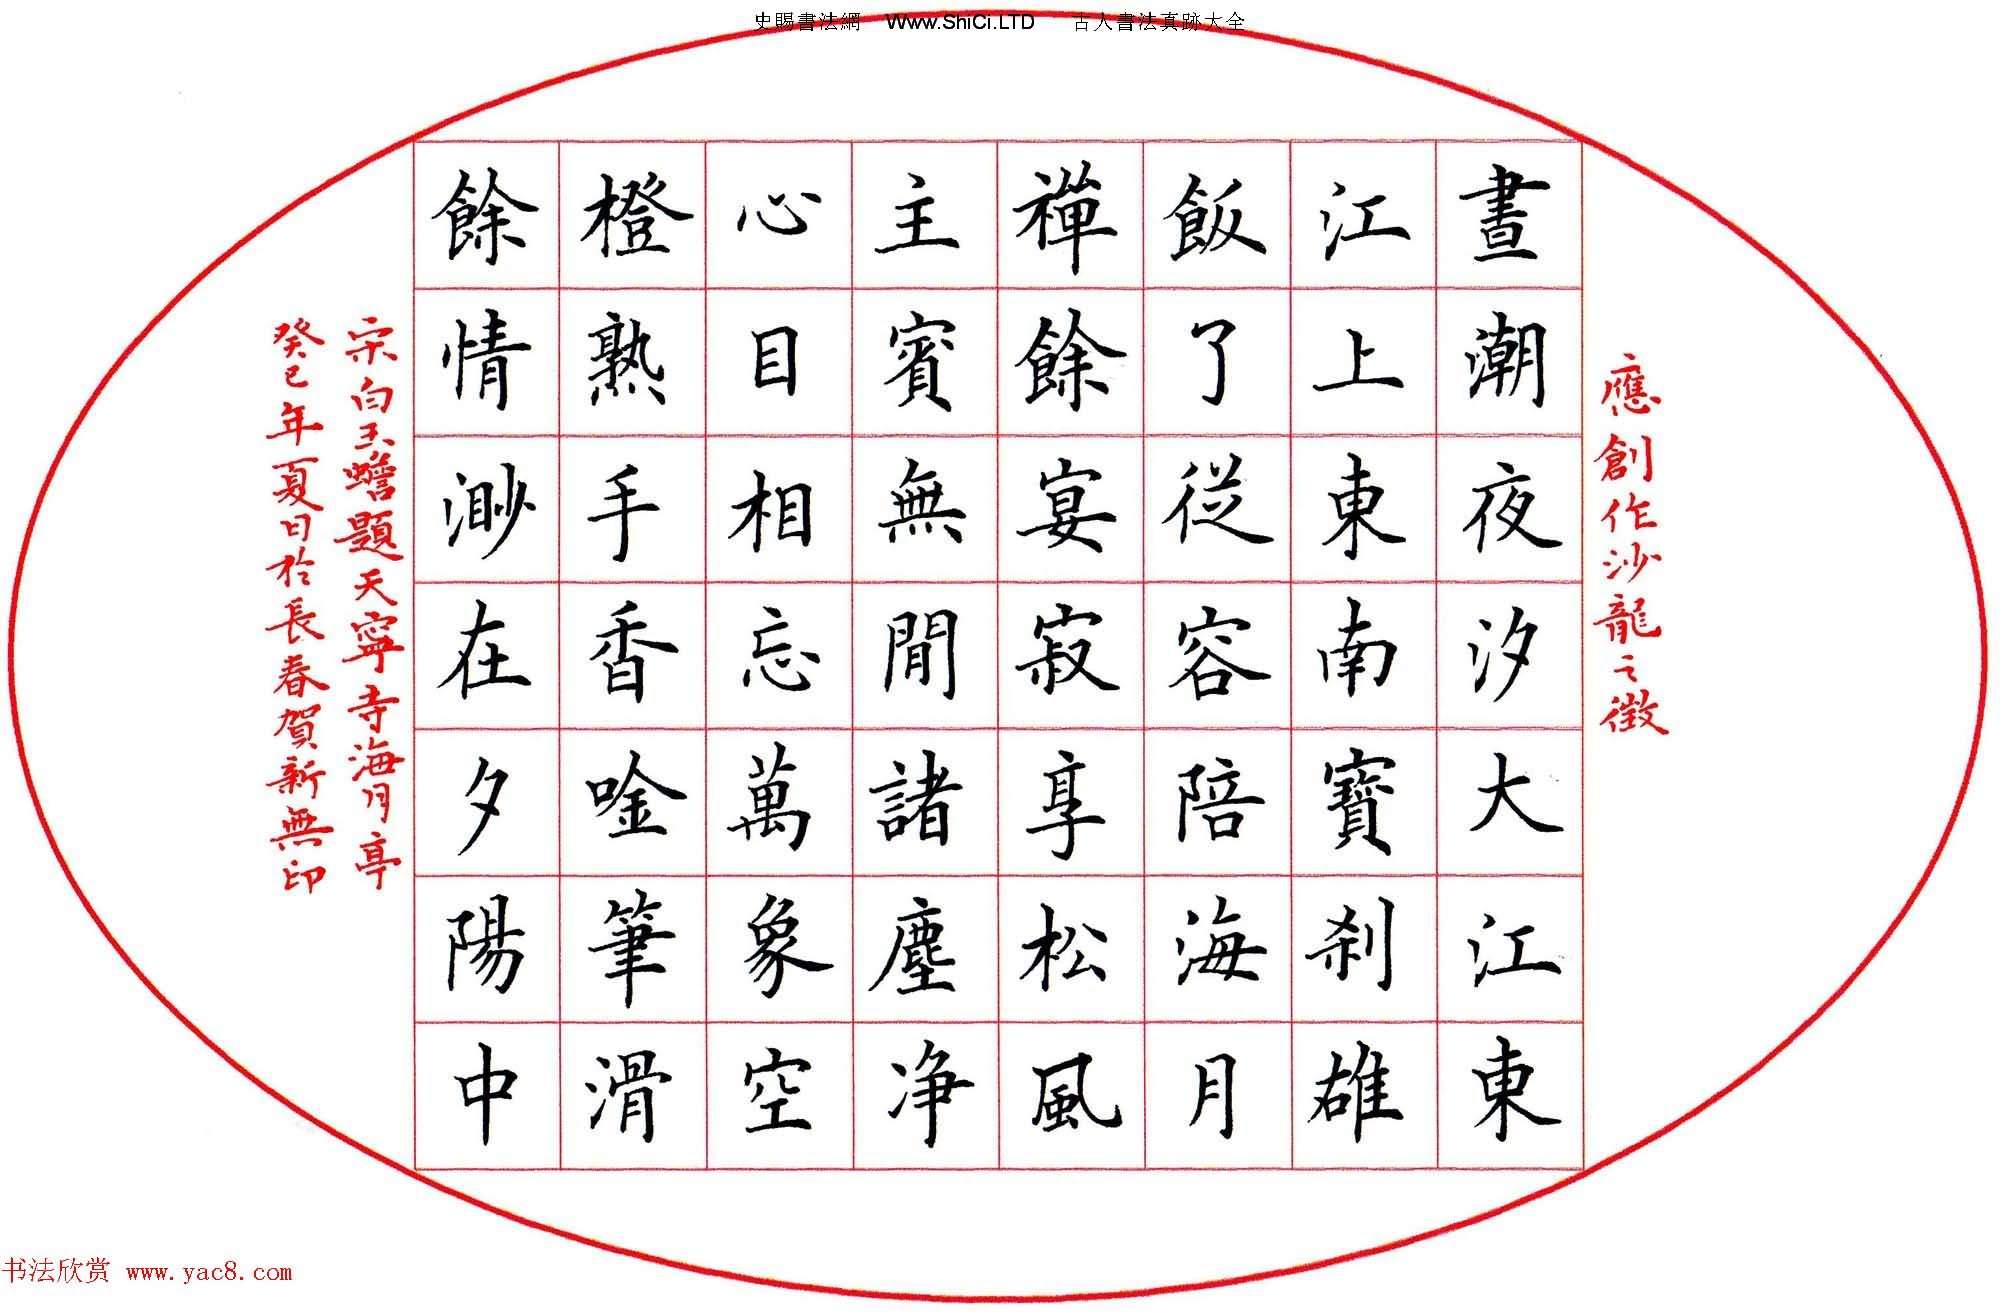 趙賀新歐體硬筆書法作品真跡欣賞(共6張圖片)